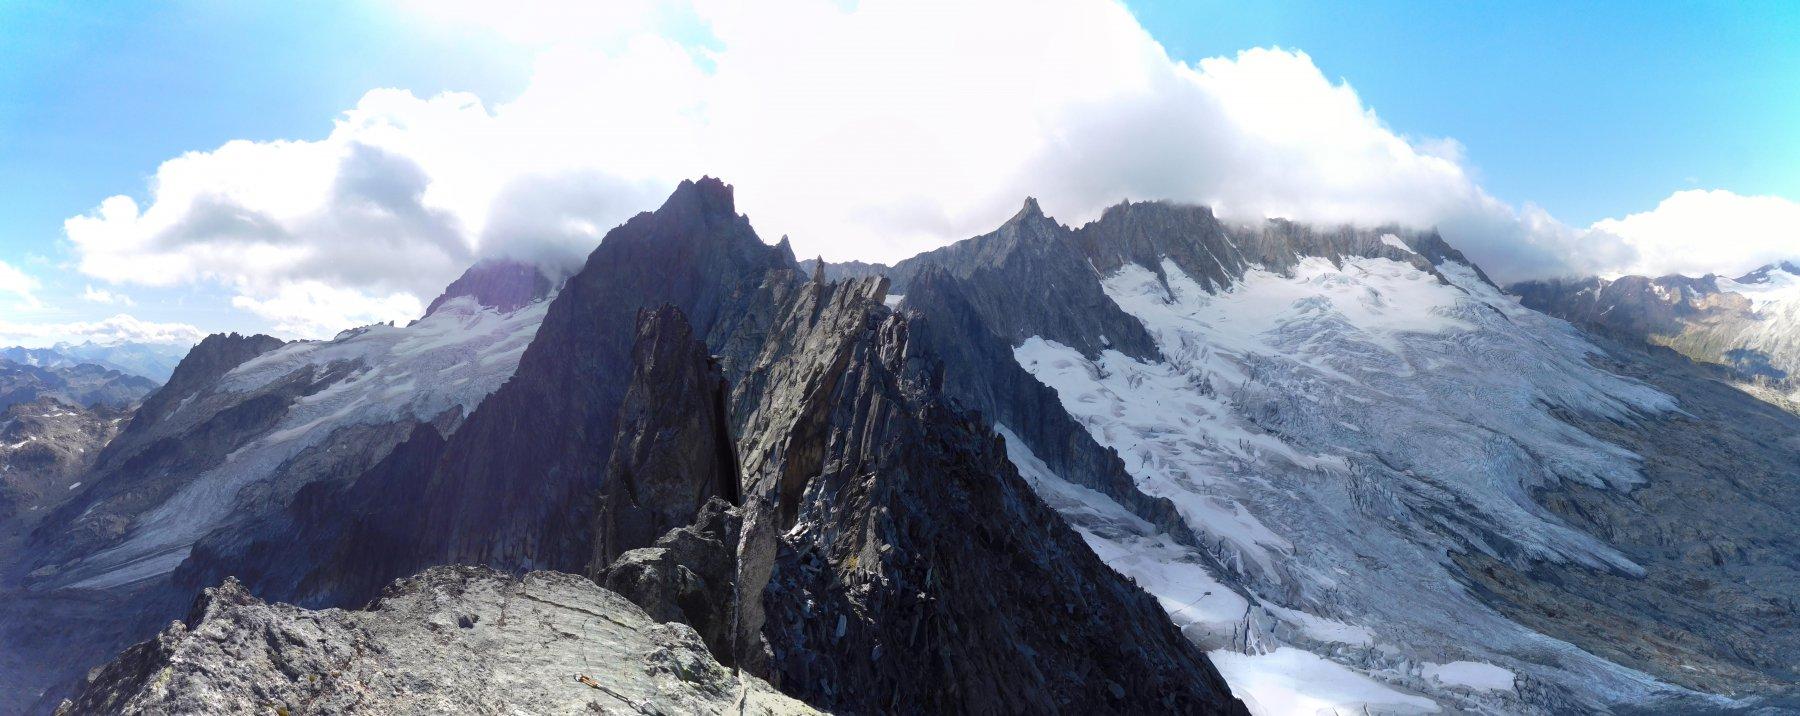 Il panorama dalla vetta...e la triste evoluzione del ghiacciaio rispetto alle foto pubblicate da damup nel 2009